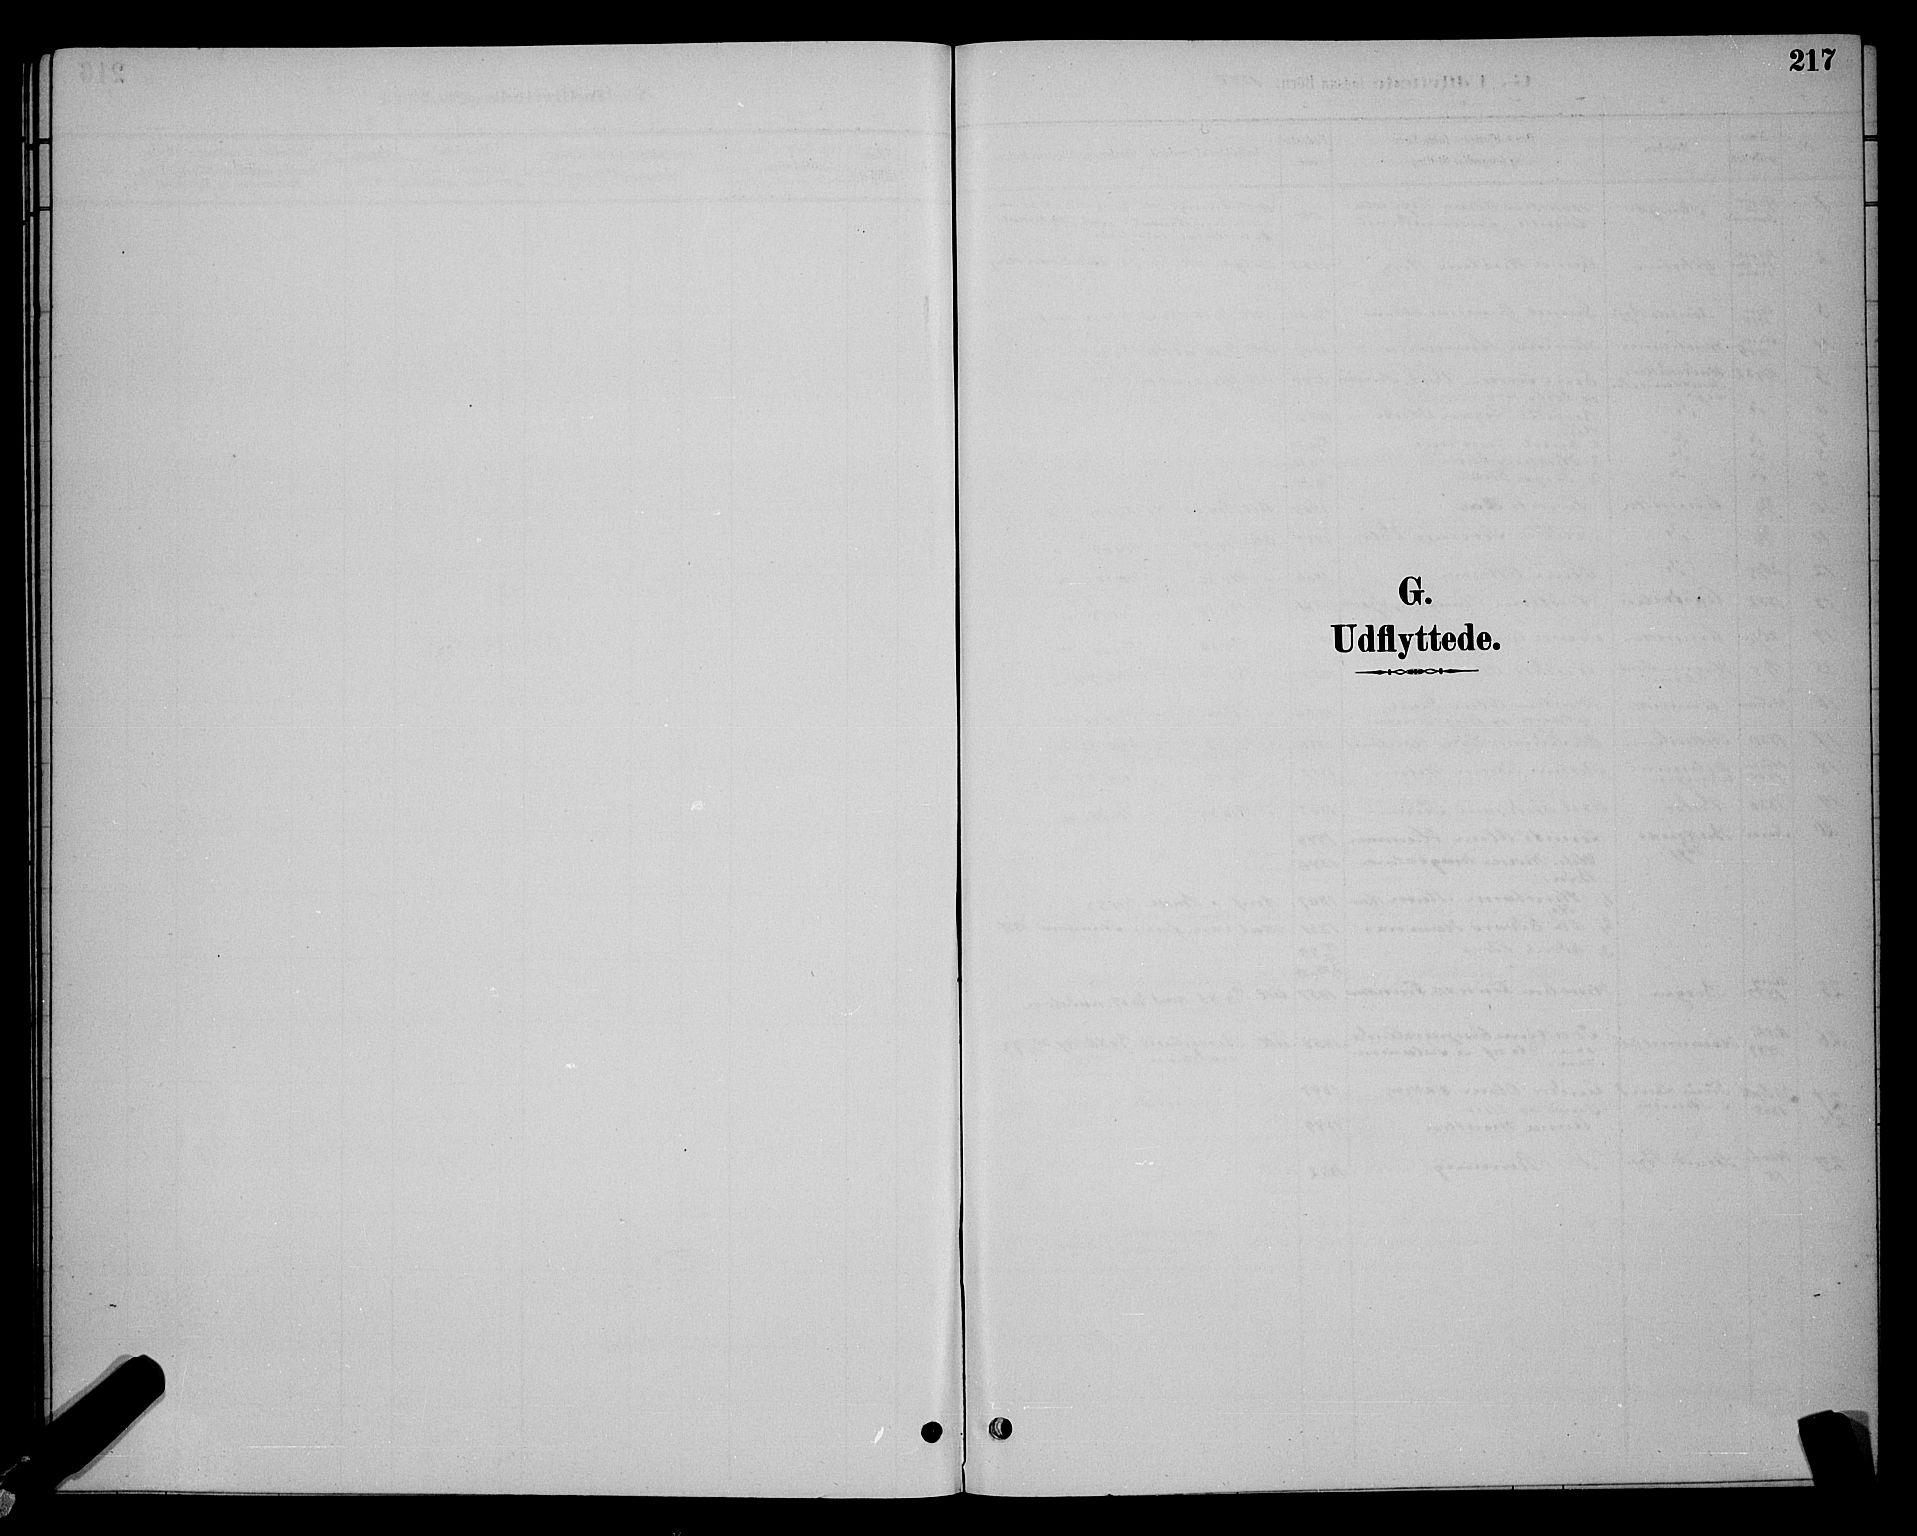 SAT, Ministerialprotokoller, klokkerbøker og fødselsregistre - Sør-Trøndelag, 604/L0223: Klokkerbok nr. 604C06, 1886-1897, s. 217